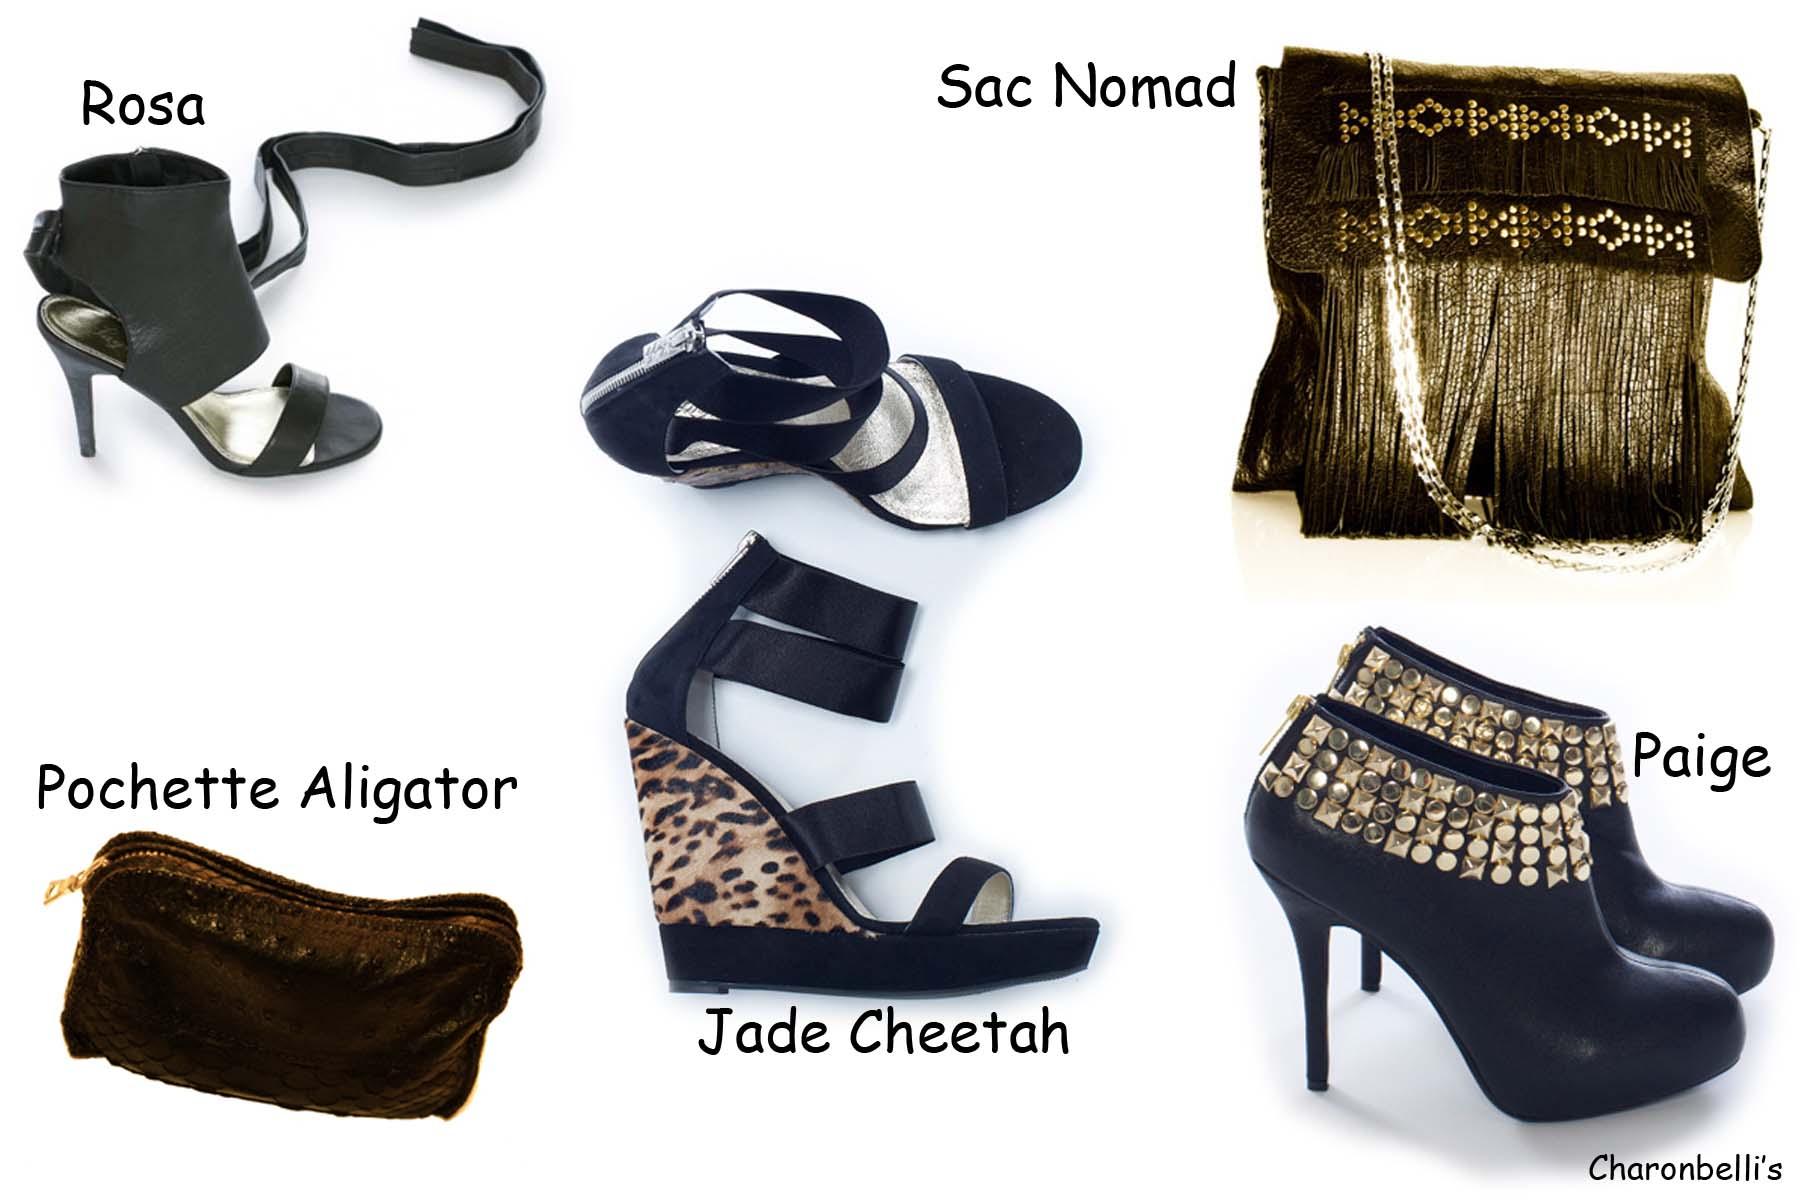 Tialeo Sélection sacs et chaussures - Charonbelli's blog de mode